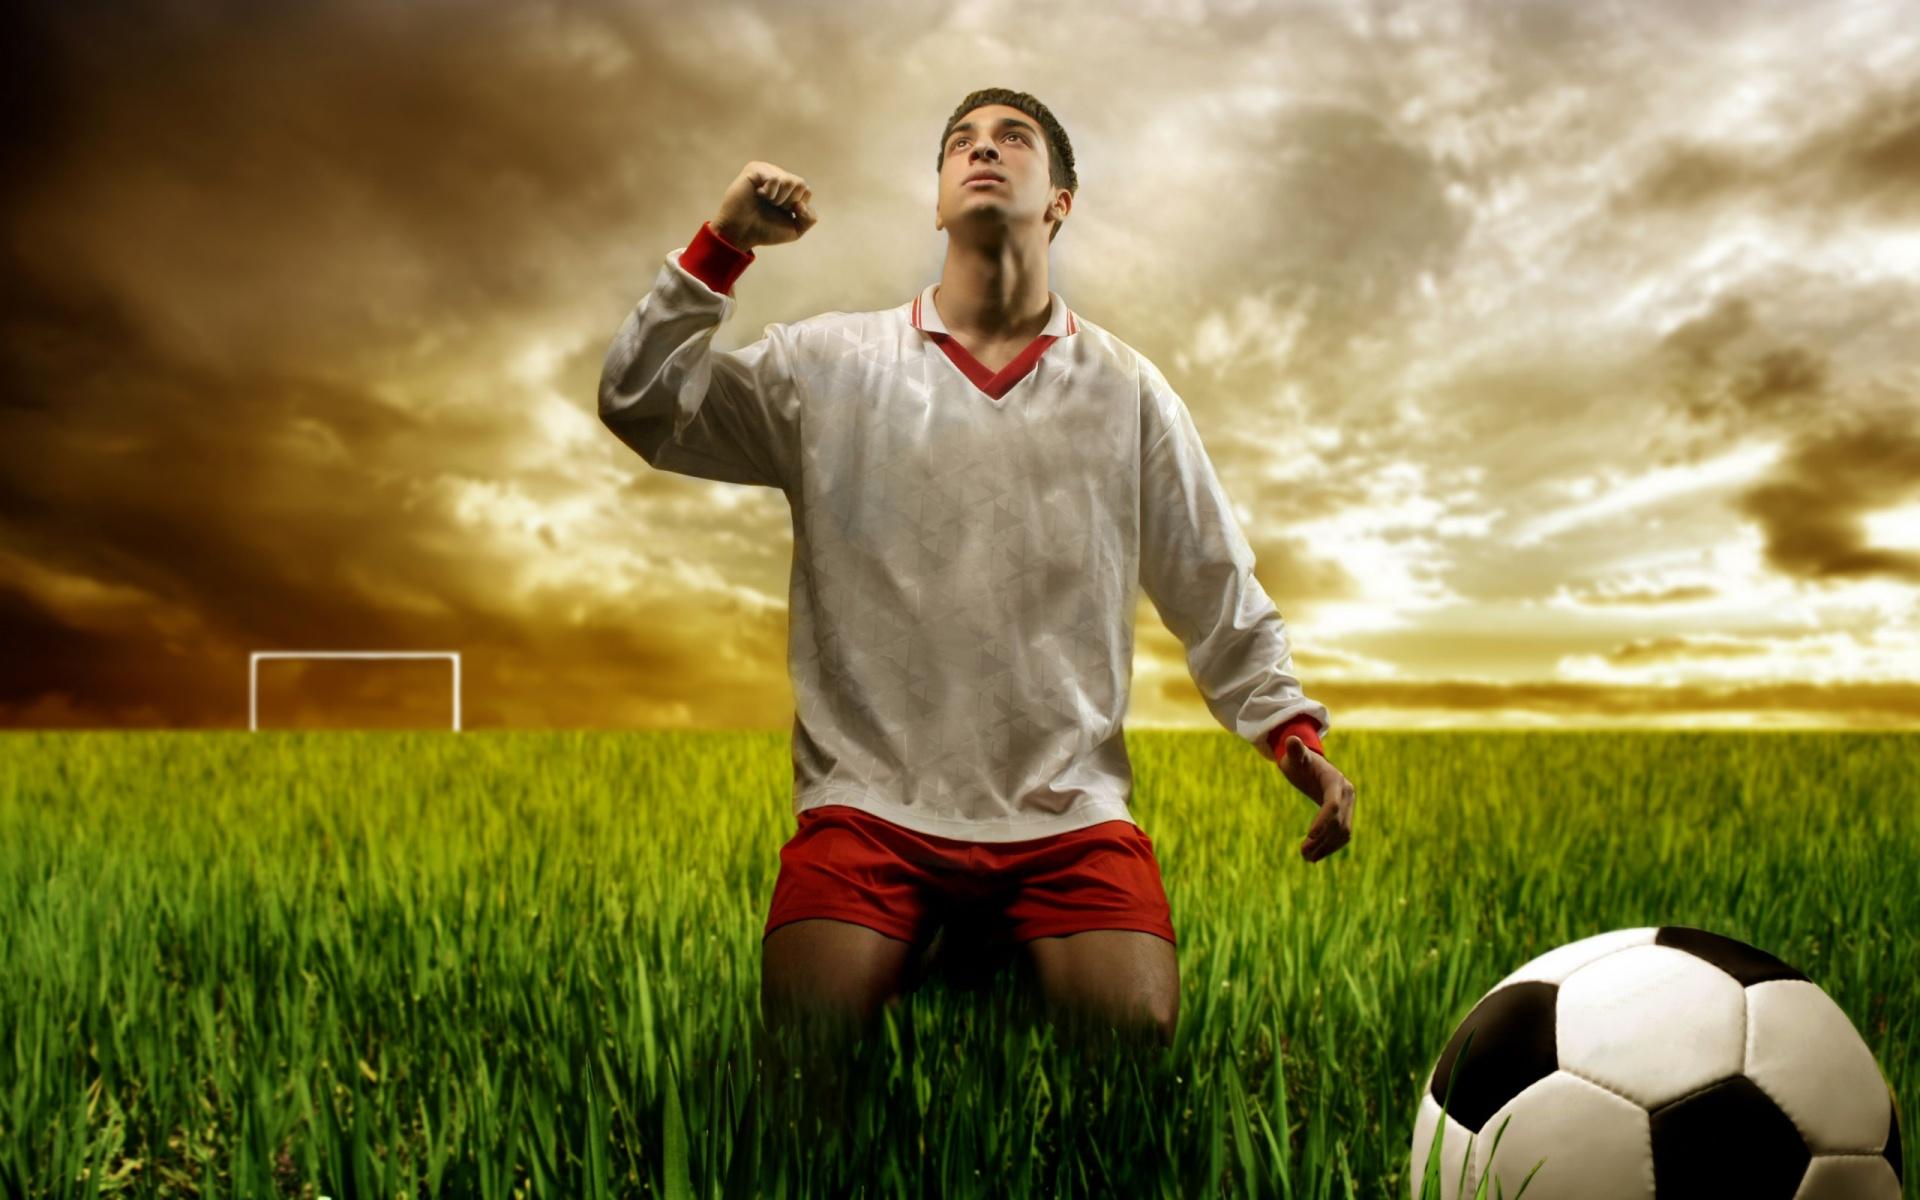 football desktop backgrounds football desktop backgrounds 1920x1200